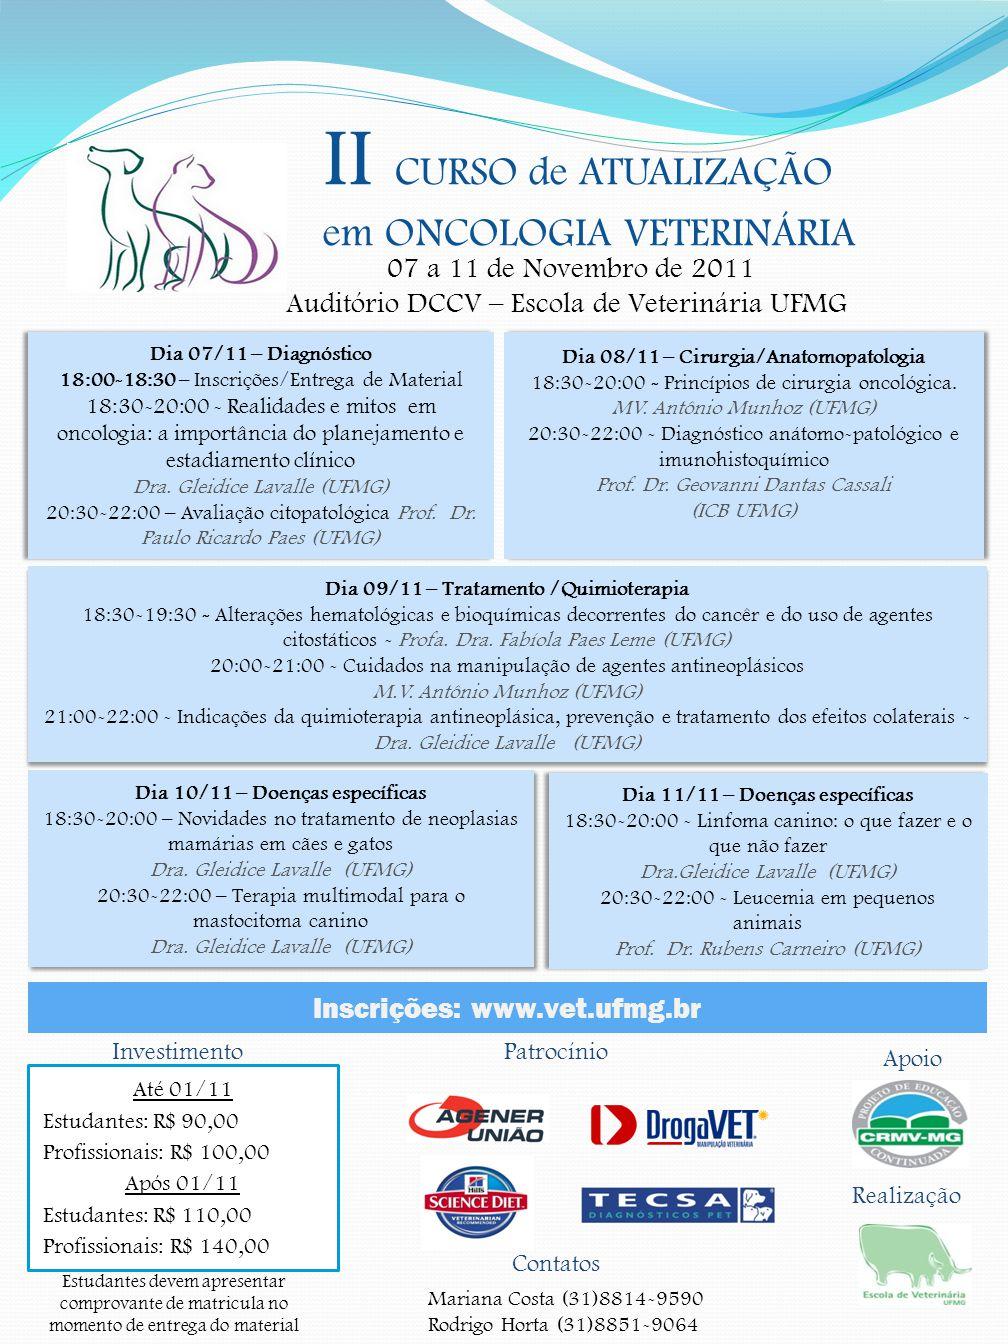 II CURSO de ATUALIZAÇÃO em ONCOLOGIA VETERINÁRIA 07 a 11 de Novembro de 2011 Auditório DCCV – Escola de Veterinária UFMG Dia 07/11 – Diagnóstico 18:00